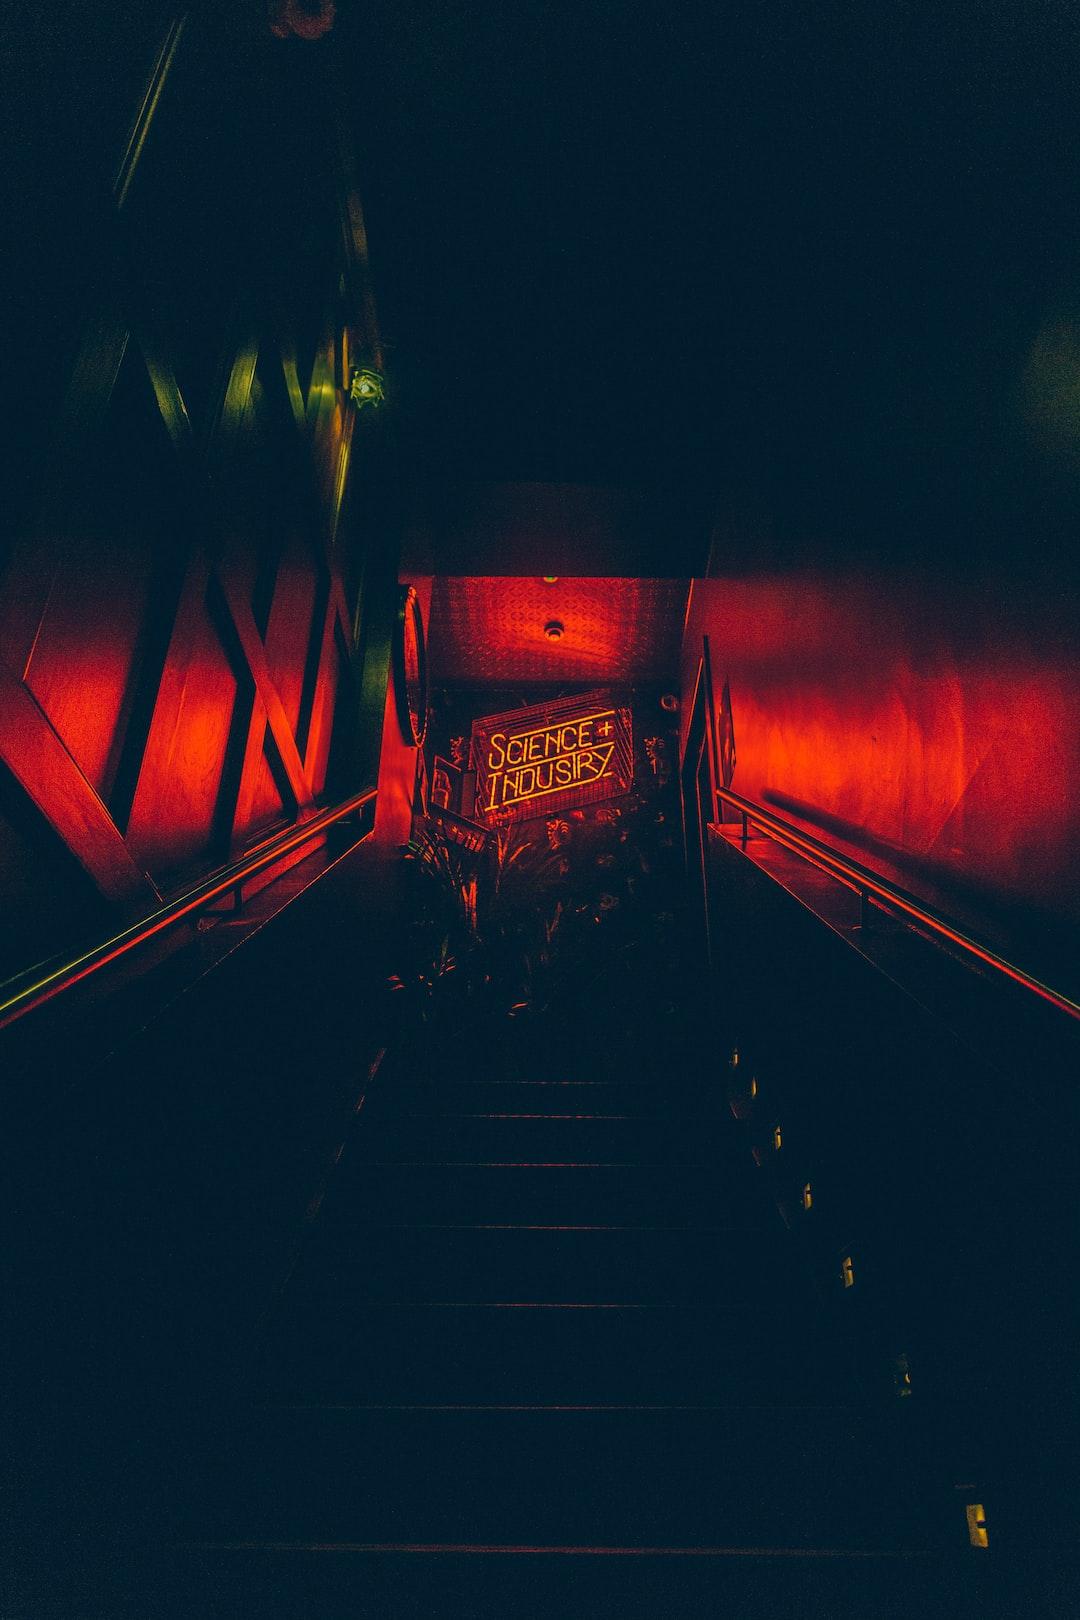 Free Neon Image on Unsplash